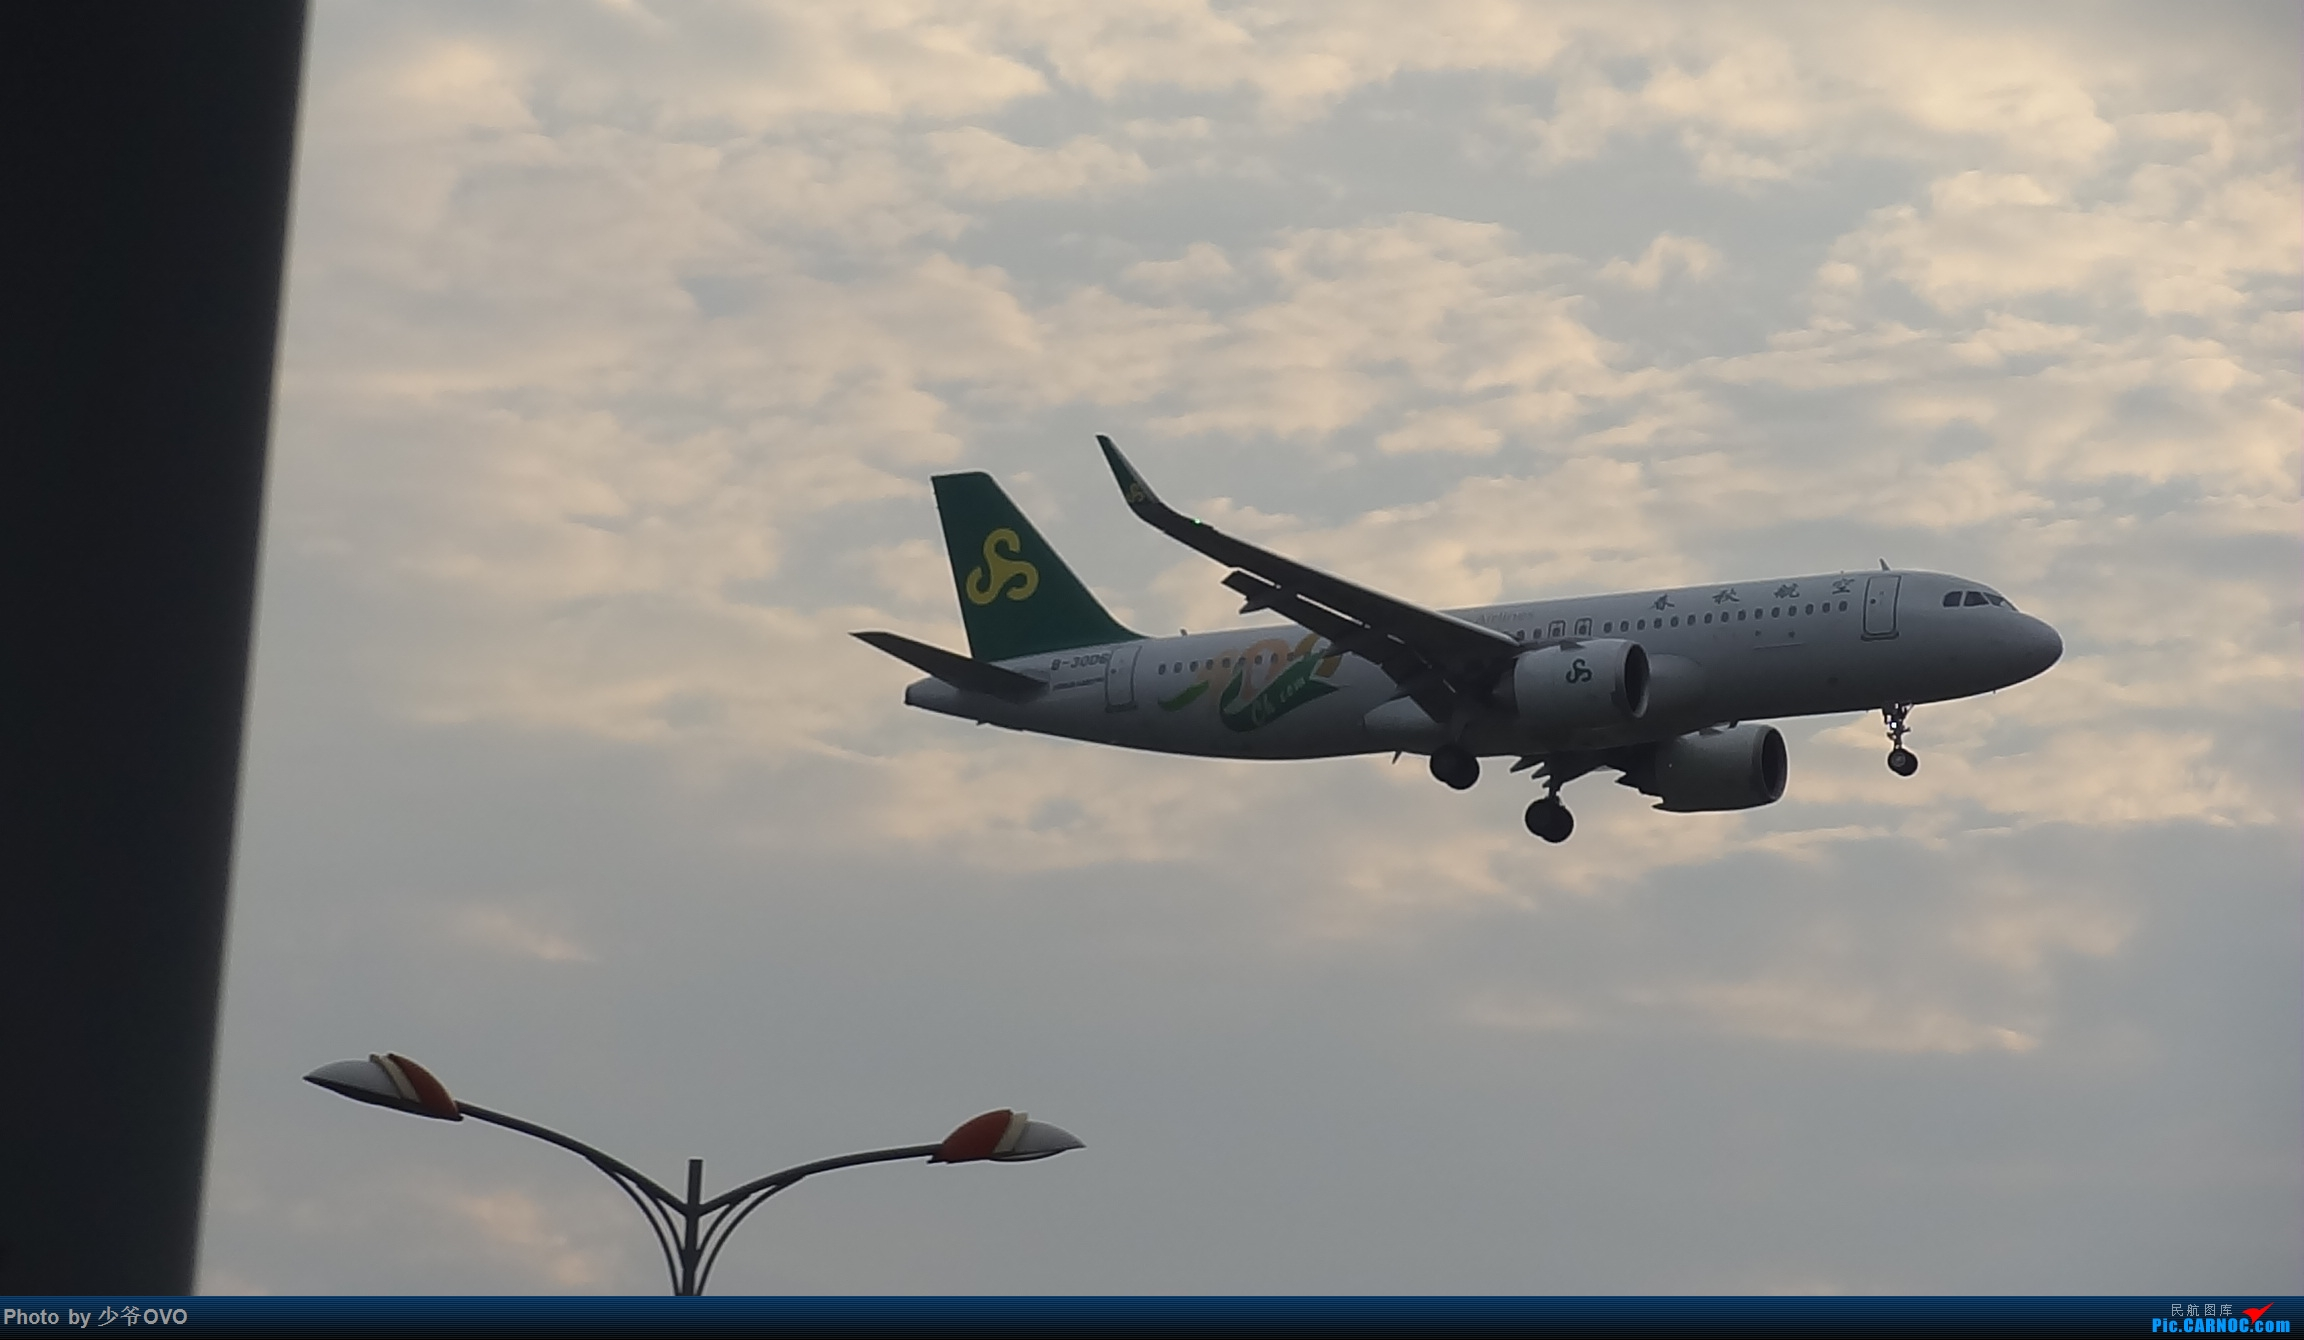 Re:[原创]CKG拍机,数码机最后的倔强 AIRBUS A320 B-3006 中国重庆江北国际机场